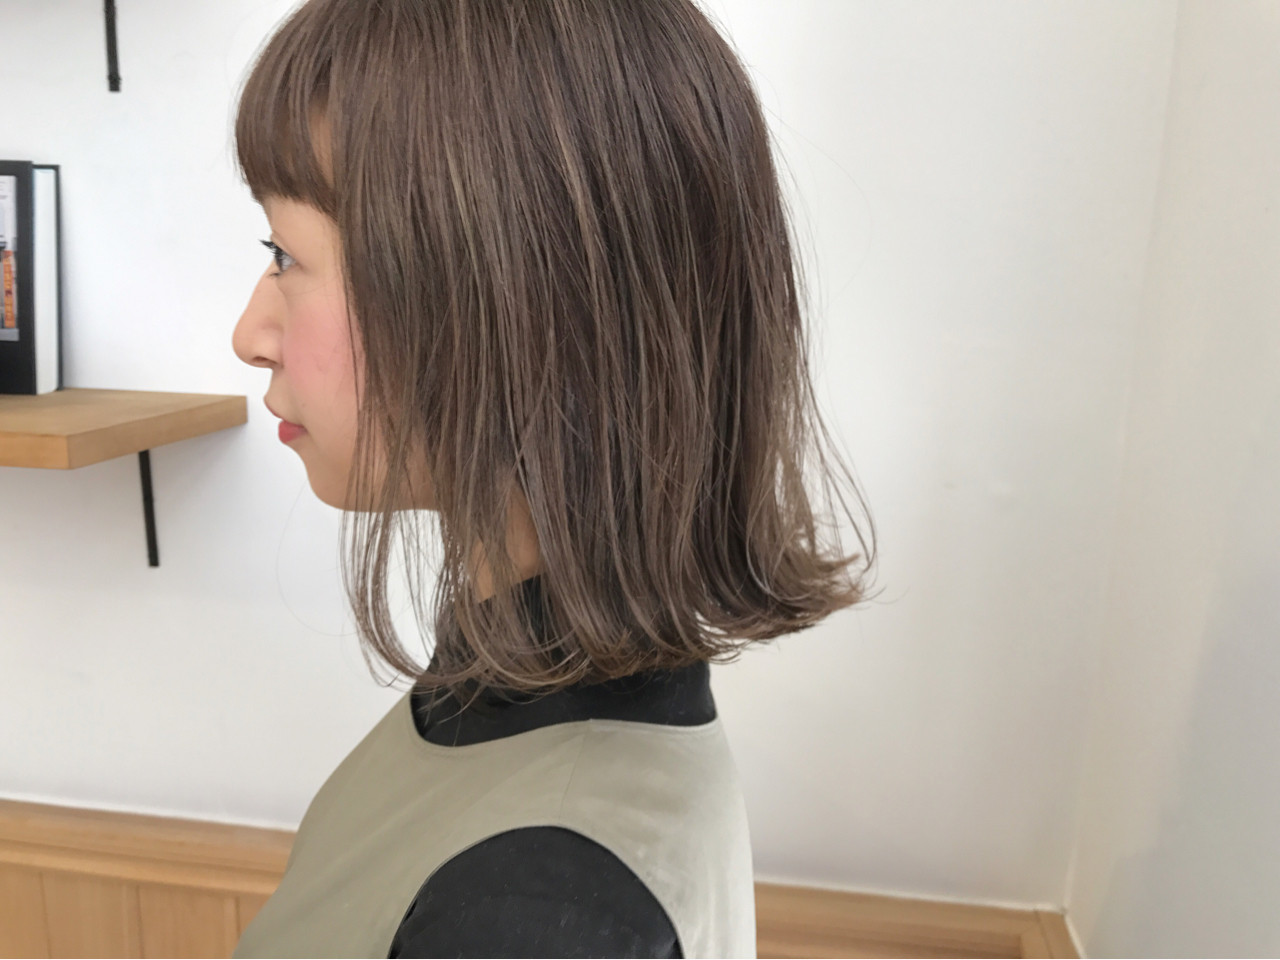 切りっぱなし ナチュラル ミディアム ボブ ヘアスタイルや髪型の写真・画像 | KENTO.NOESALON / NOE SALON